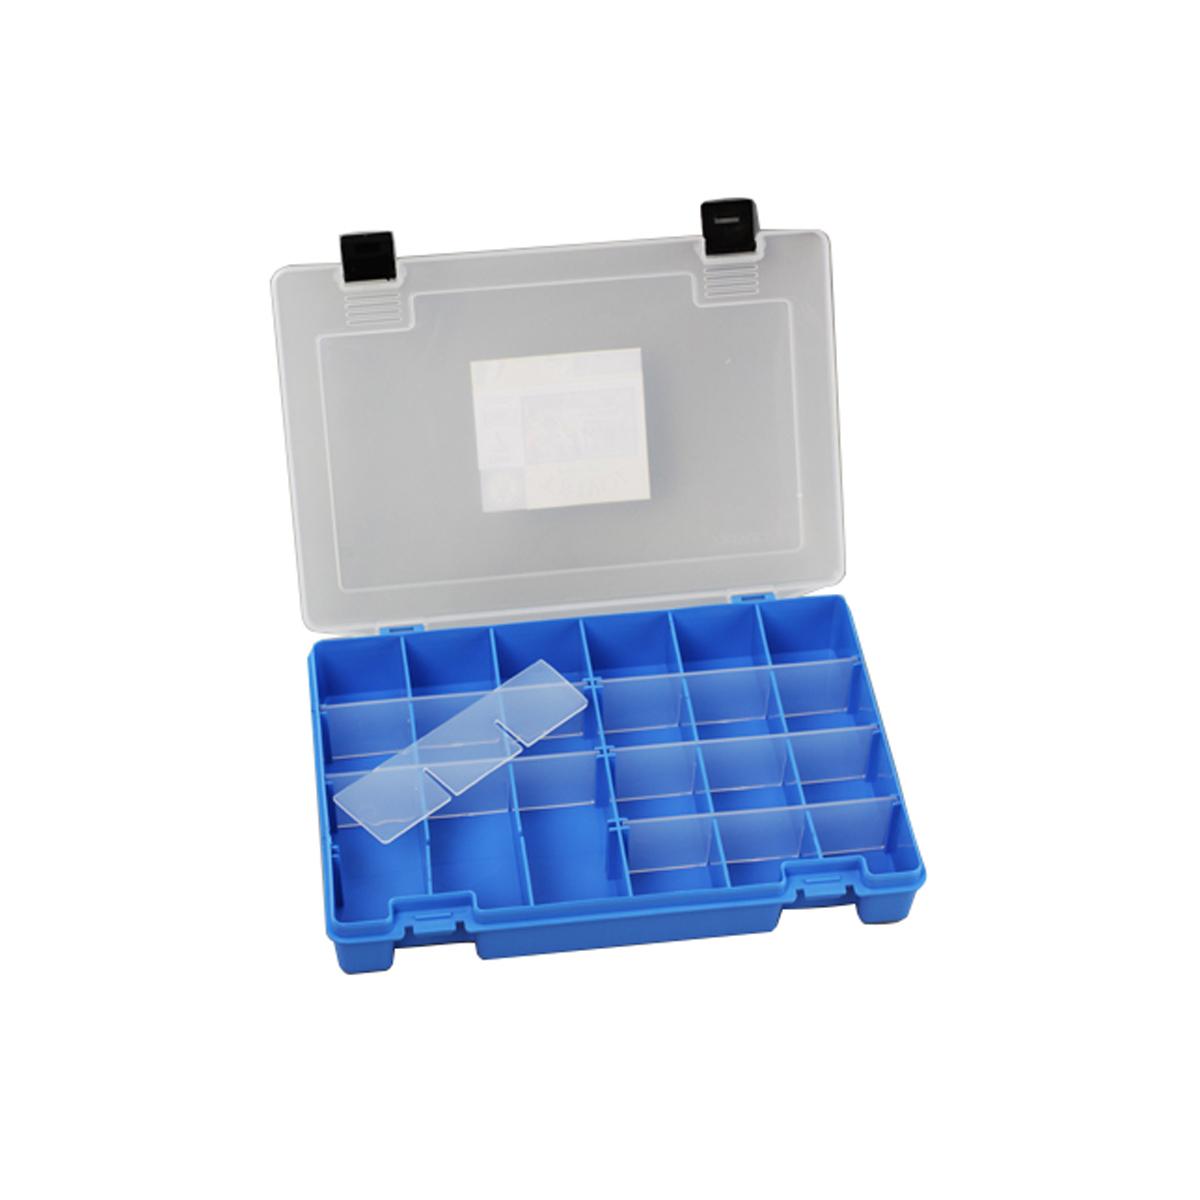 Коробка для мелочей Trivol, цвет: синий, прозрачный, 27,4 х 18,8 х 4,5 см498015Коробка для мелочей Trivol, выполненная из прочного полипропилена (пластика), отлично подойдет для хранения канцелярских принадлежностей дома или в офисе, аксессуаров для шитья и рукоделия, болтов и гаек, а также принадлежностей для рыбалки и других видов хобби. Изделие имеет прочные съемные разделители, с помощью которых можно регулировать количество ячеек. Прозрачный материал позволяет видеть содержимое. Крышка коробки плотно закрывается на 2 защелки. Коробка легко моется и чистится. Она поможет держать ваши вещи в порядке. Размер ячейки: 4,5 х 4,5 х 4 см.